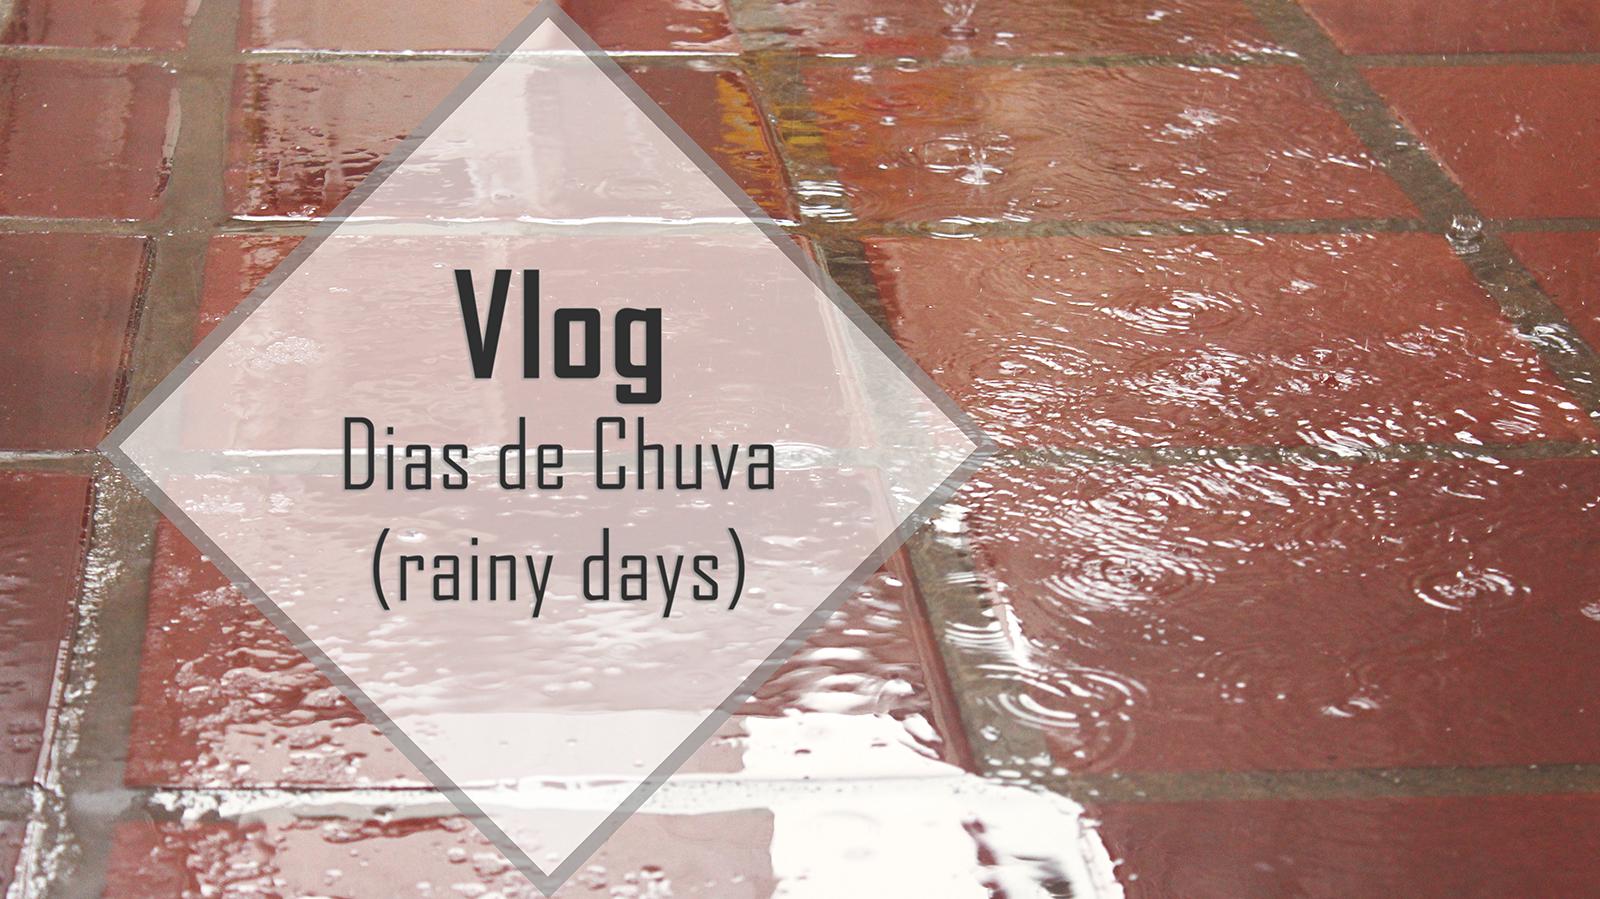 Dias de Chuva (rainy days)